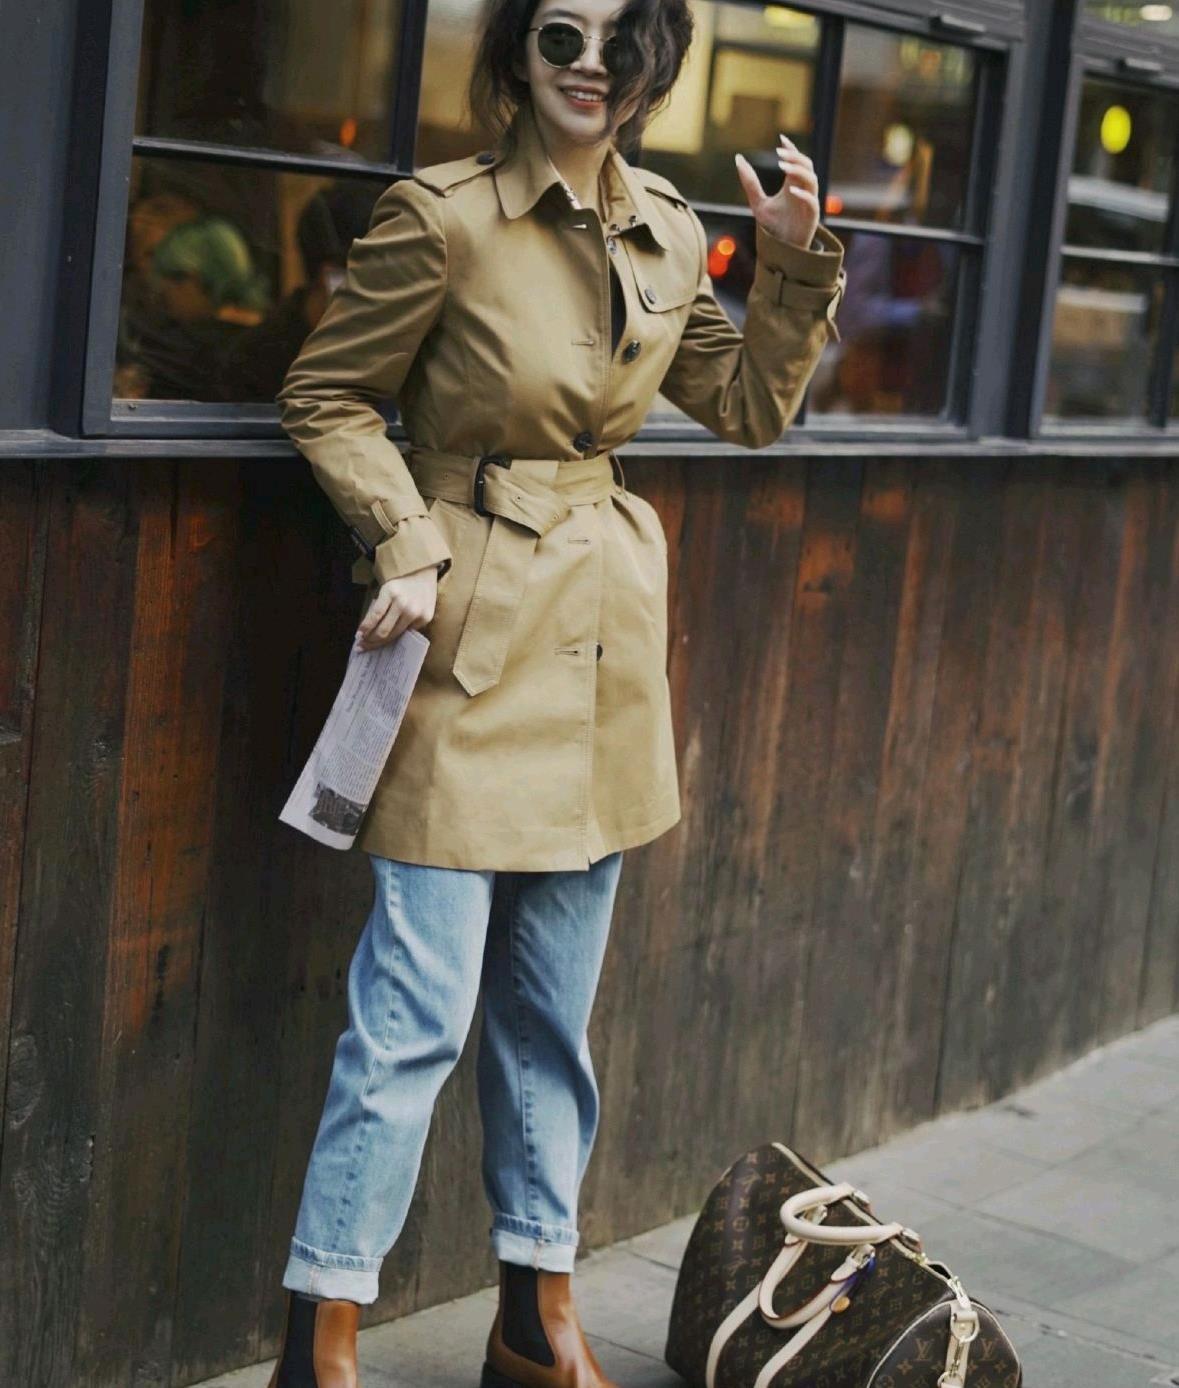 要把秋装穿出时尚感,不仅服装的配色要选对,更要会穿才高级